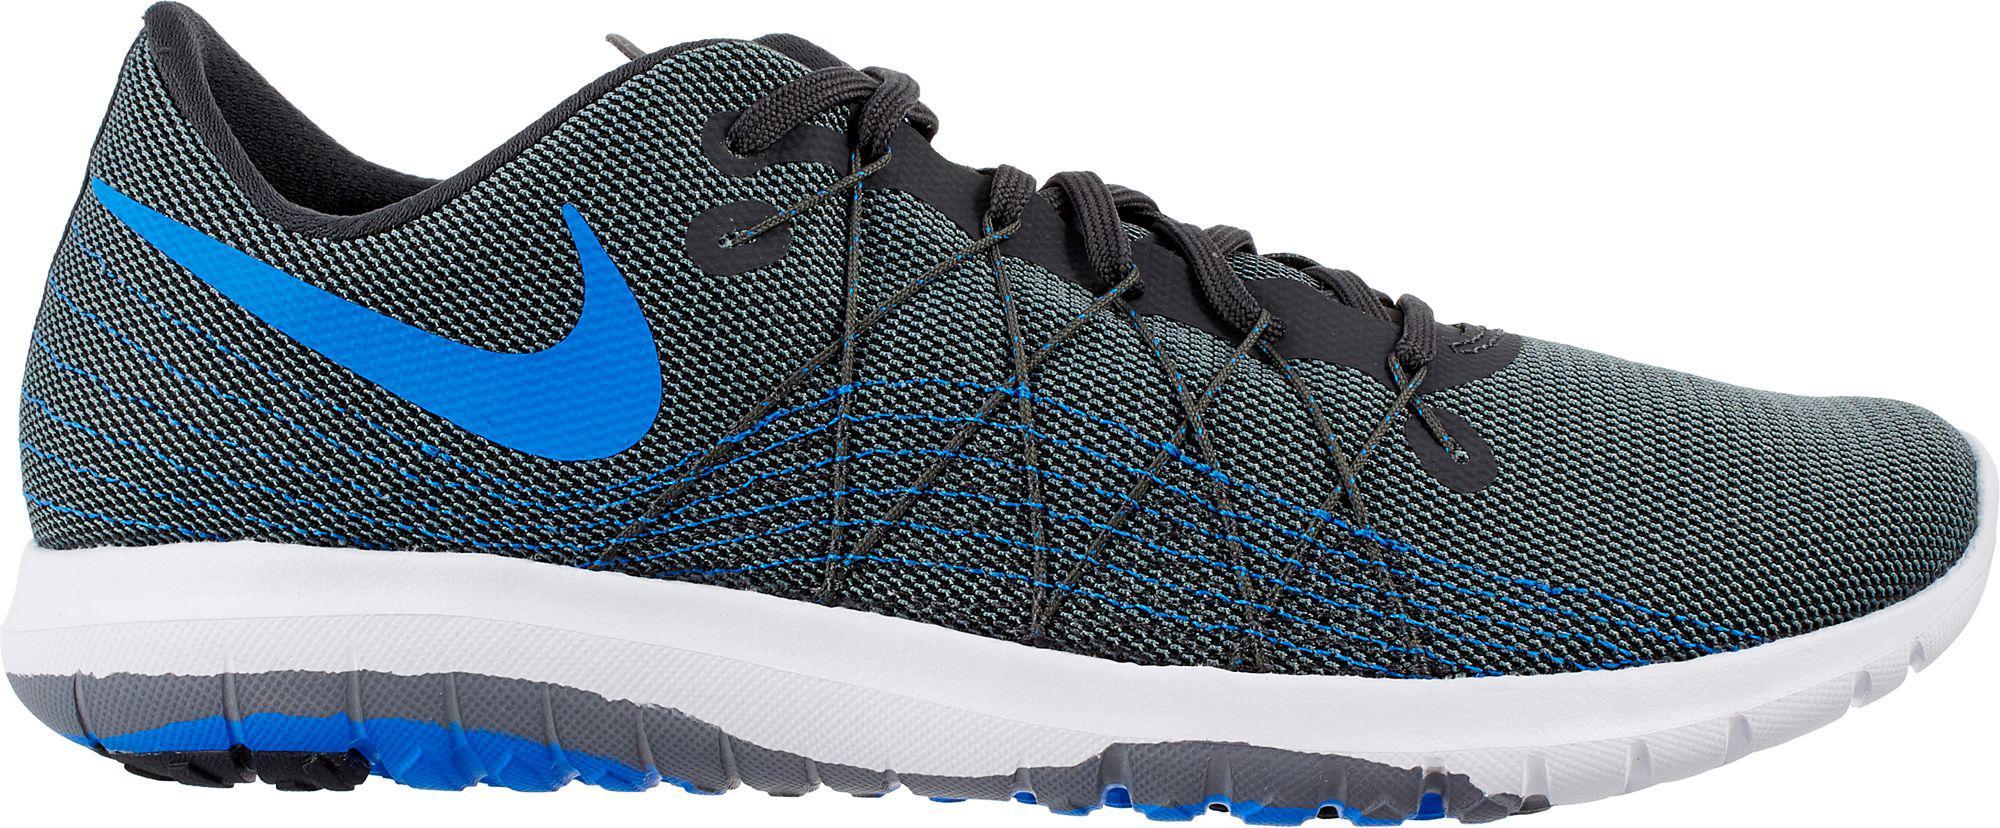 the best attitude a6b8d cf65e Men's Gray Flex Fury 2 Running Shoes